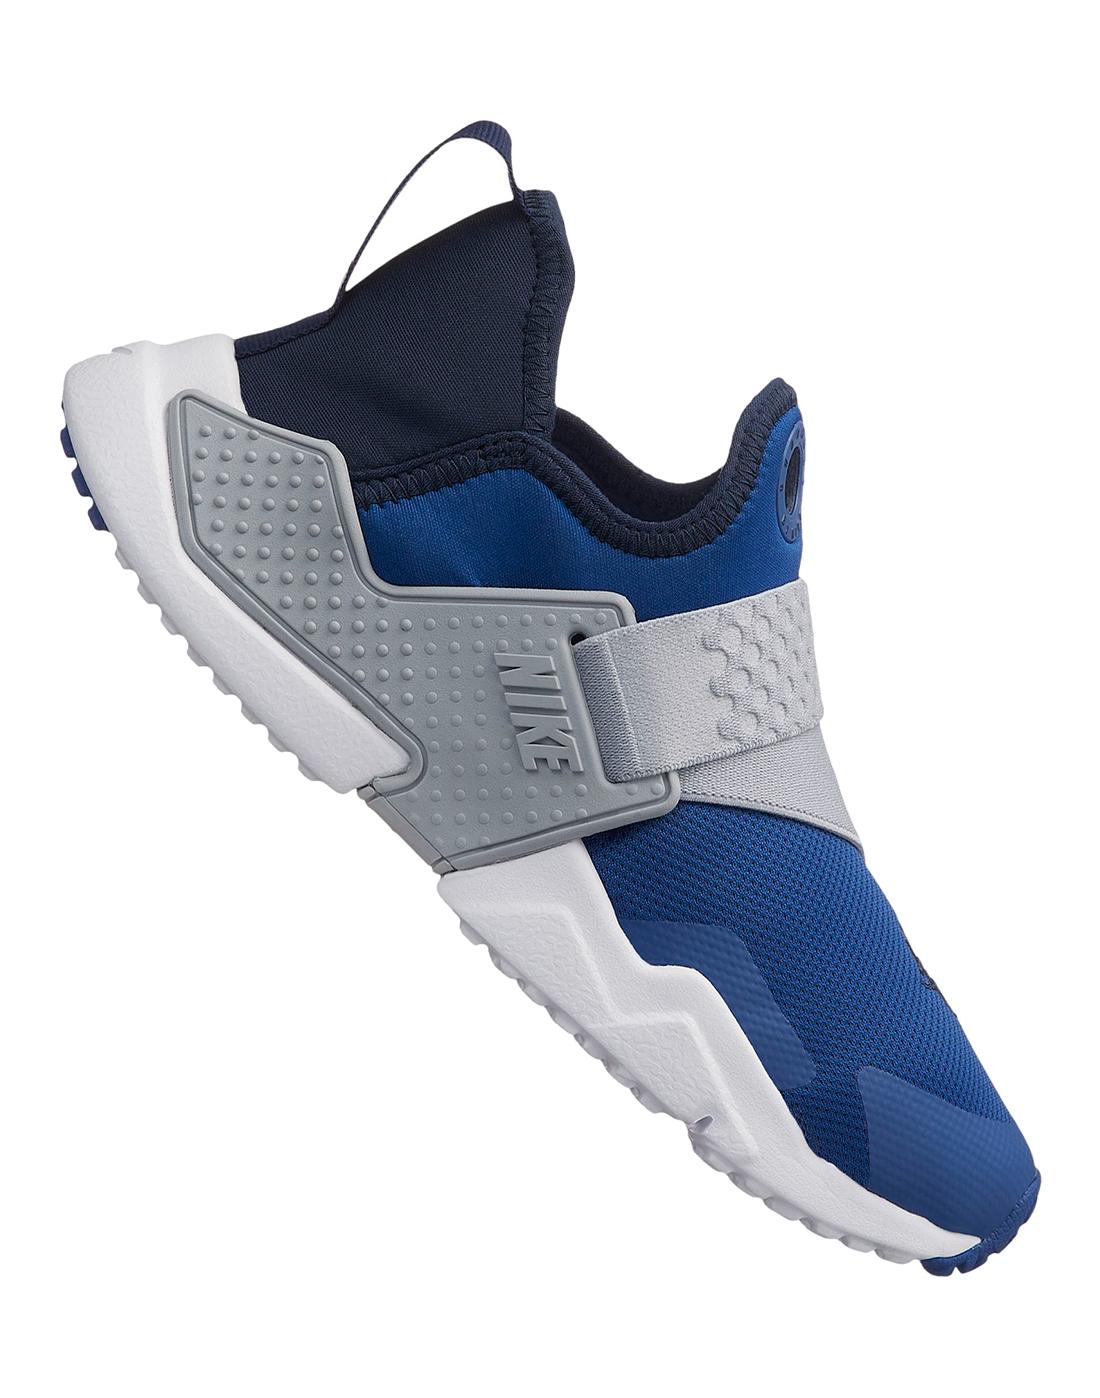 08d4261c868f1 Kids Blue Nike Huarache Extreme